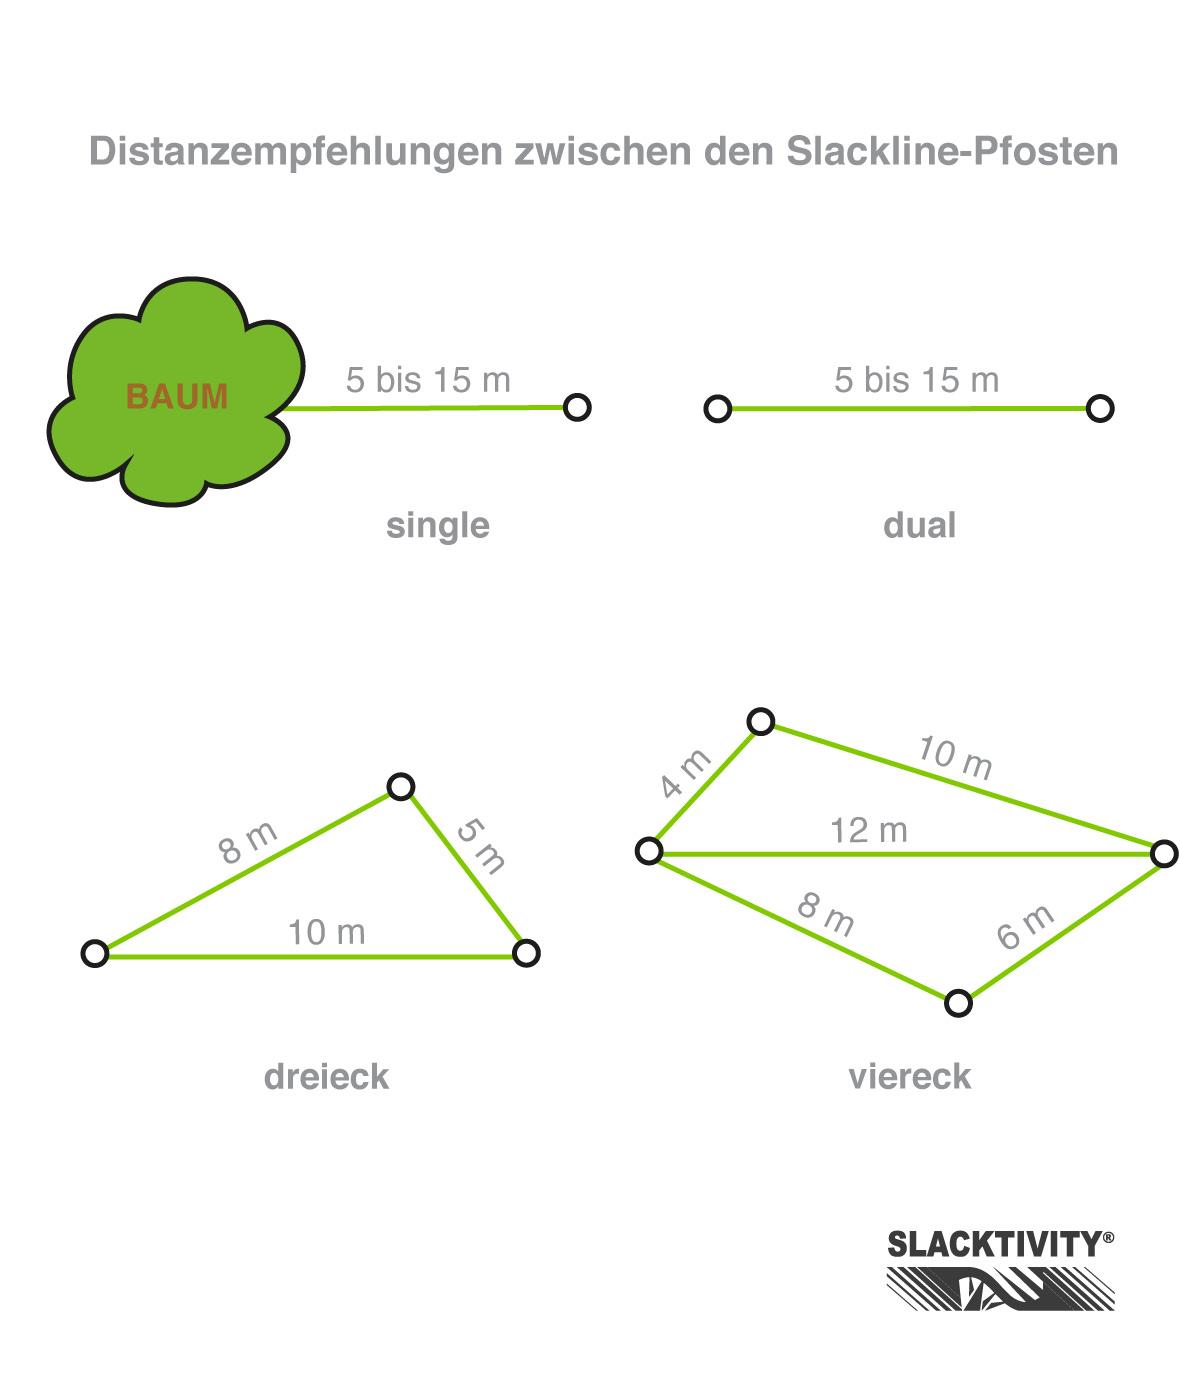 slackline distanz empfehlung